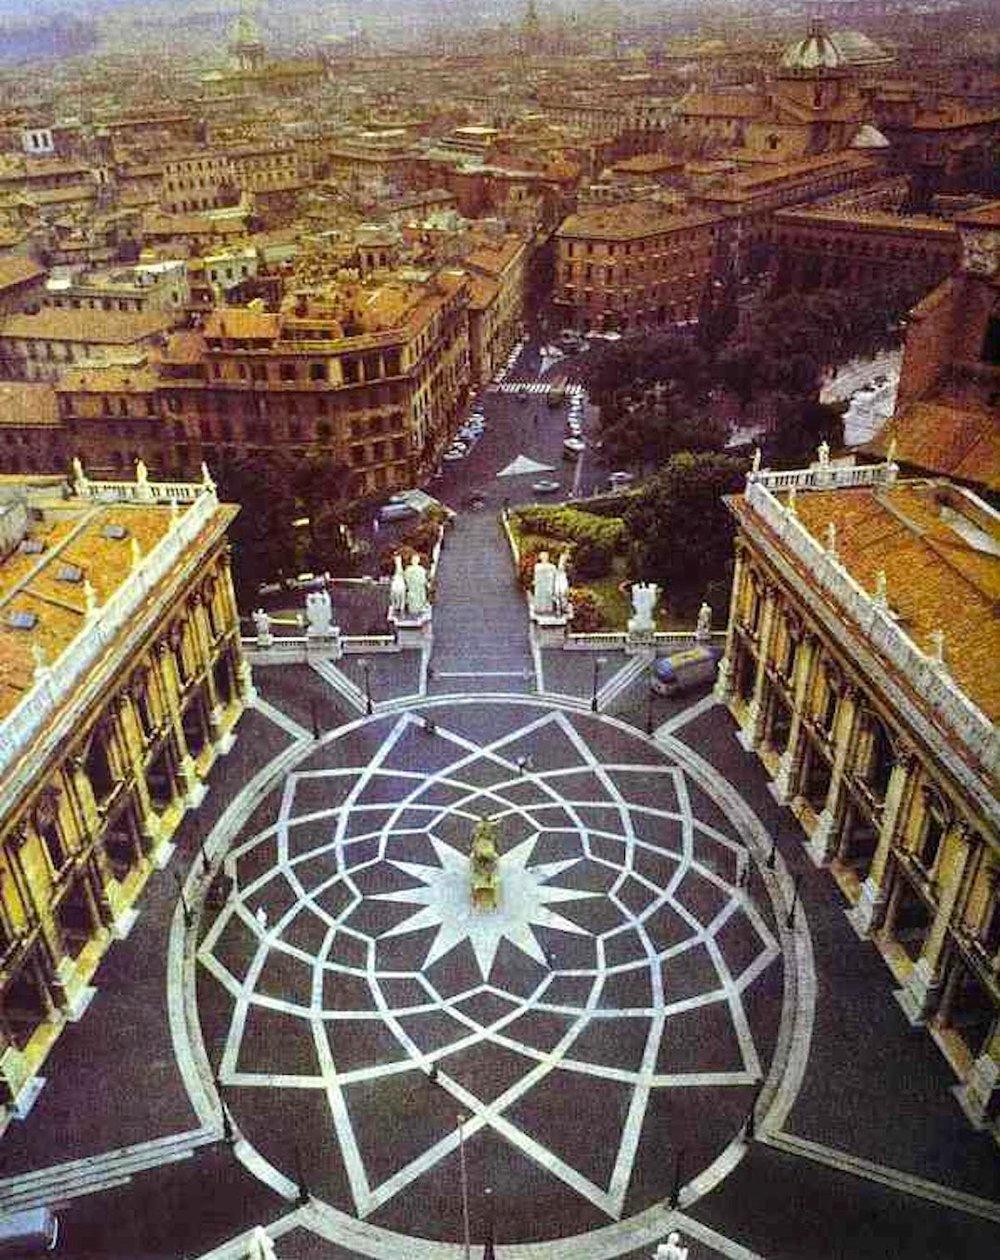 Piazza del Campidoglio, Michelangelo, Rome [ source ]